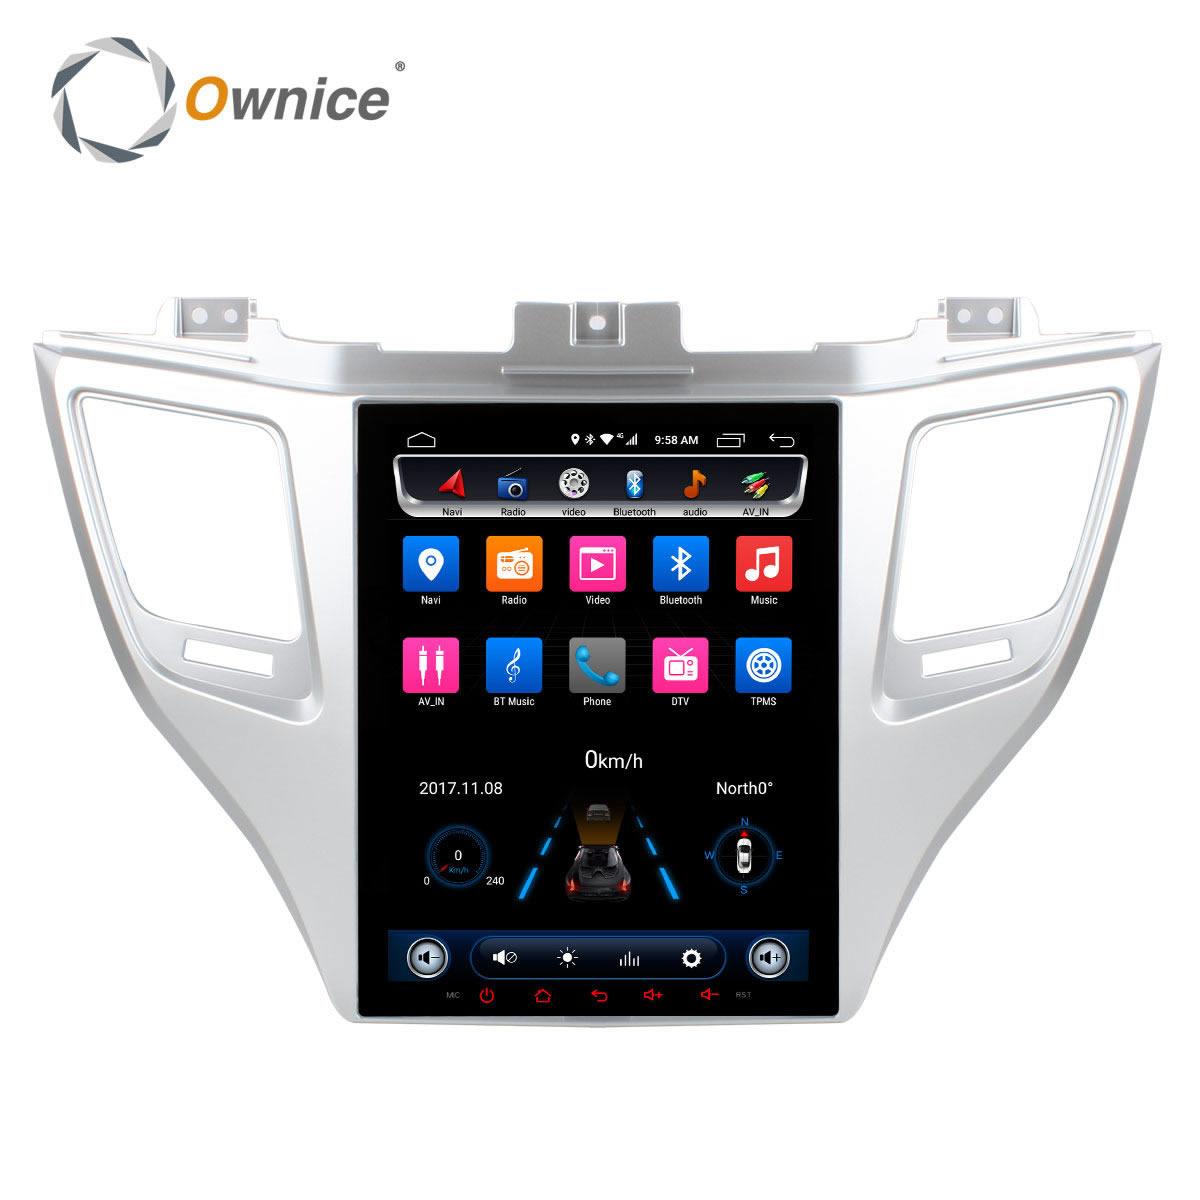 Ownice Android 6.0 Deux Din Lecteur DVD de Voiture Pour Hyundai TUCSON 2015 avec 2 GB RAM 32g rom GPS Radio Navigation Soutenir jeu de voiture dvr